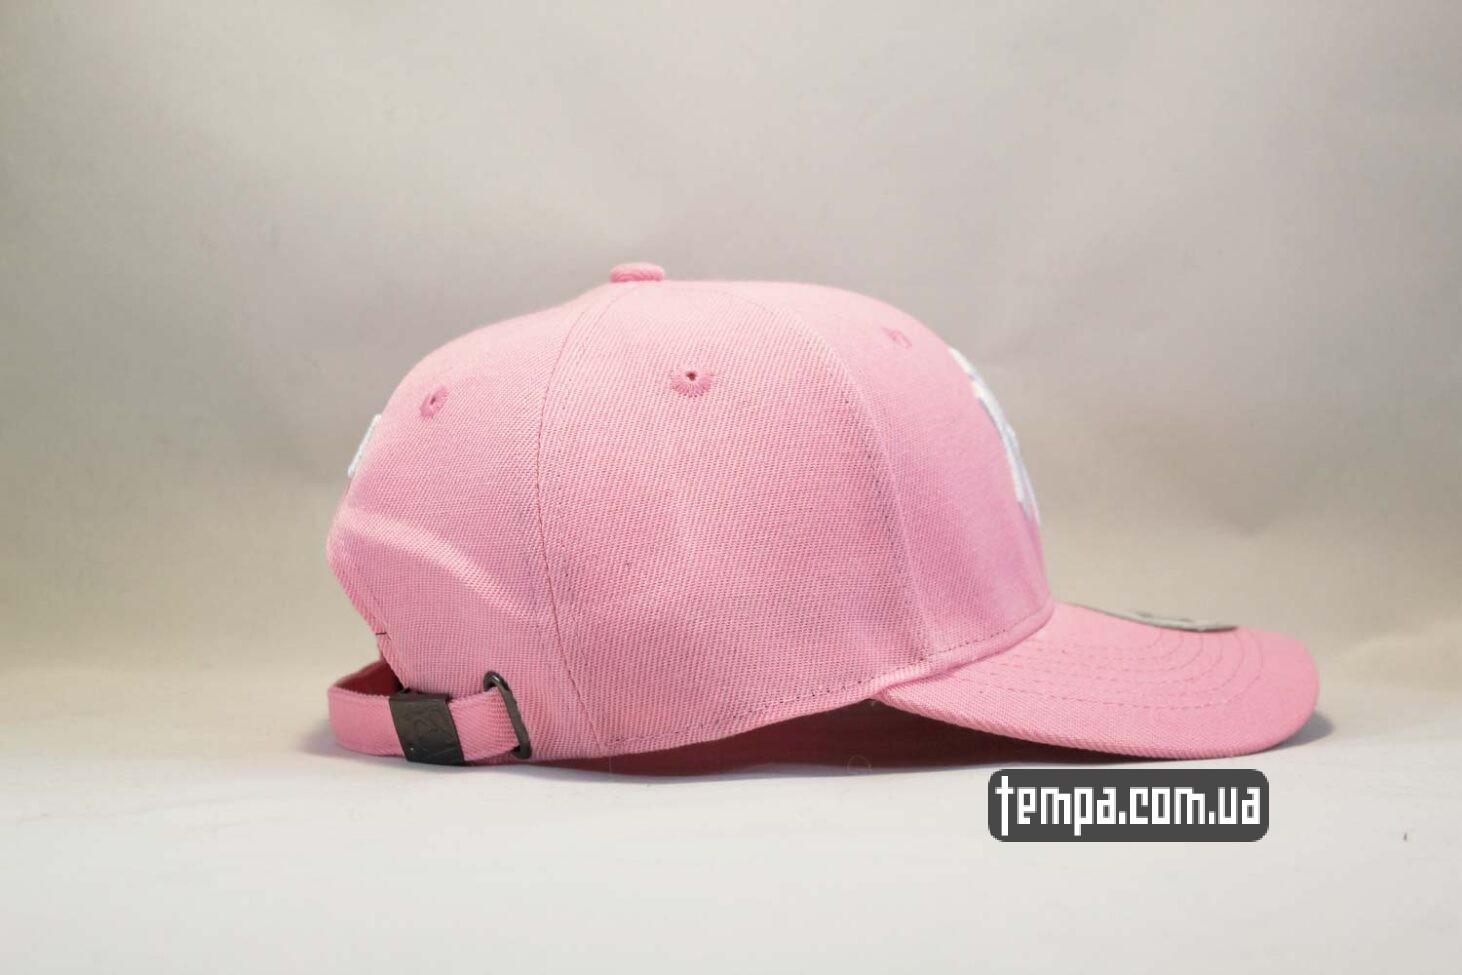 розовая кепка бейсболка New Era Yankees Pink розовая бейсболка